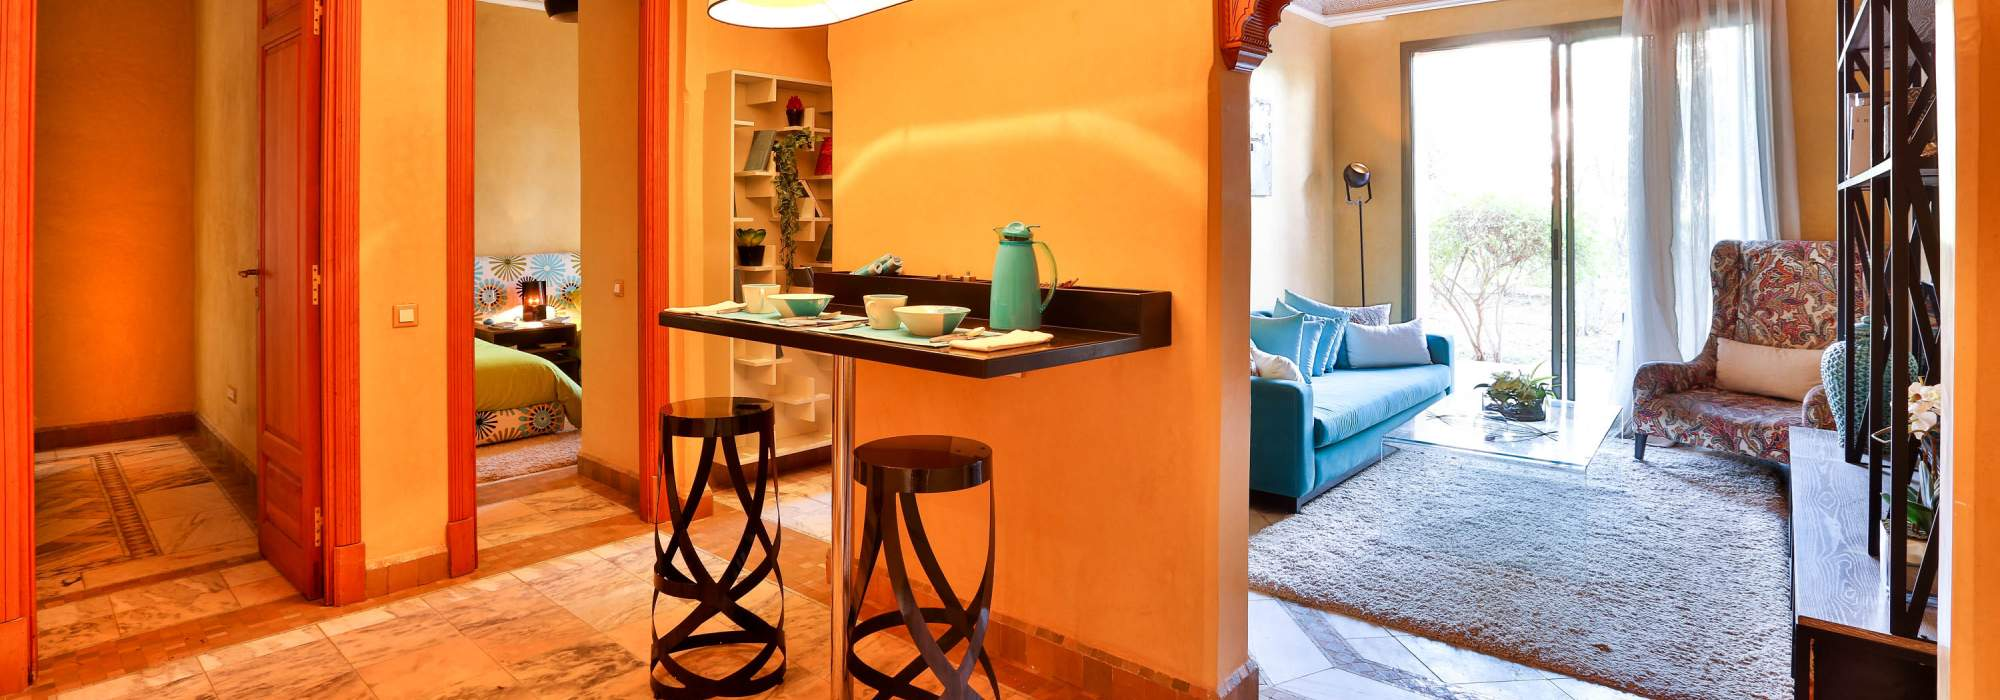 appartement a vendre palmeraie marrakech